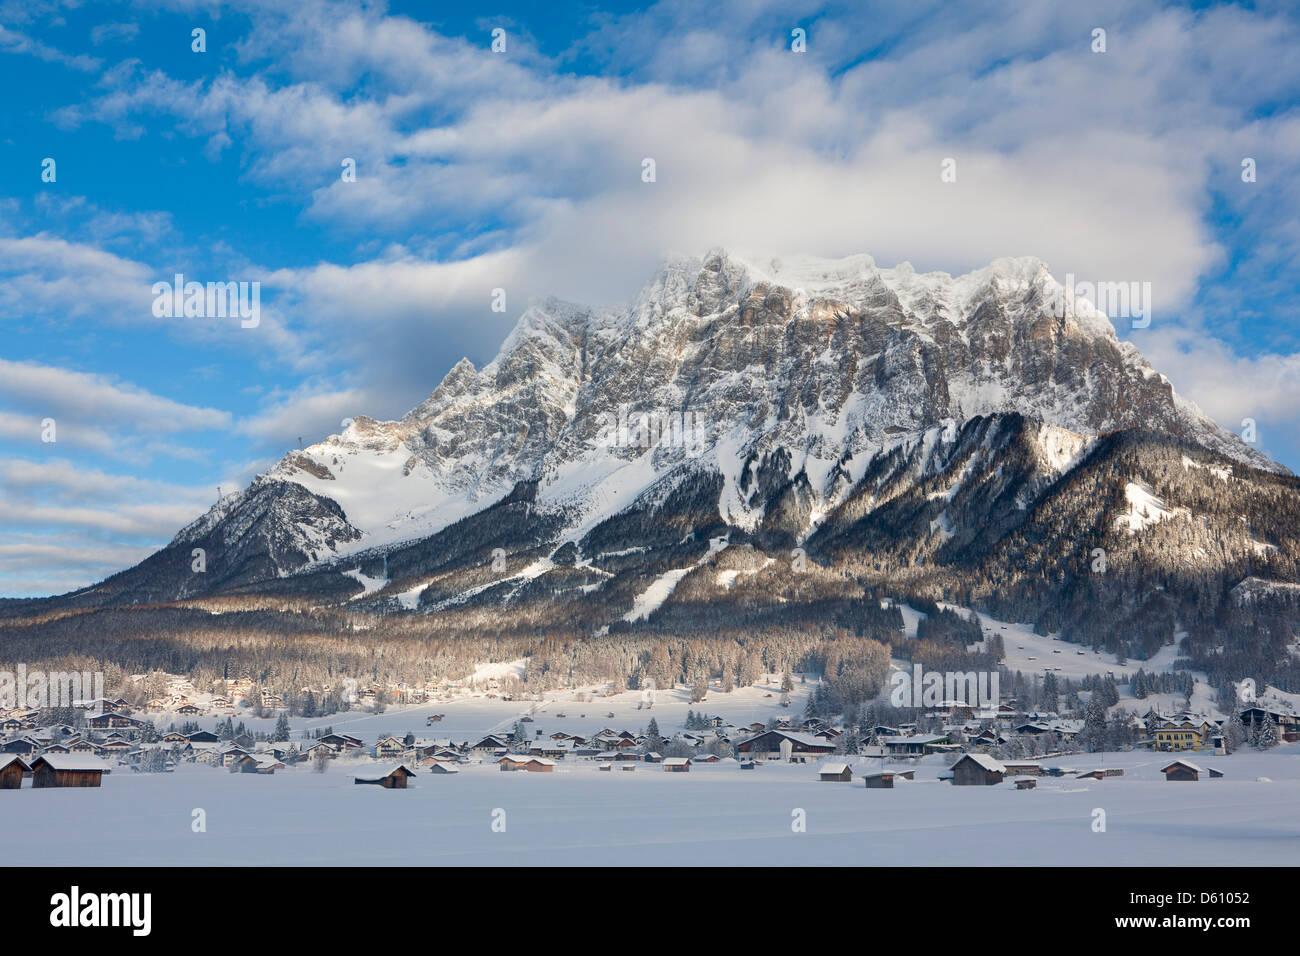 Ehrwald, Tyrol, Autriche. Chaîne de montagnes de Wetterstein avec Mt. Zugspitze. Photo Stock